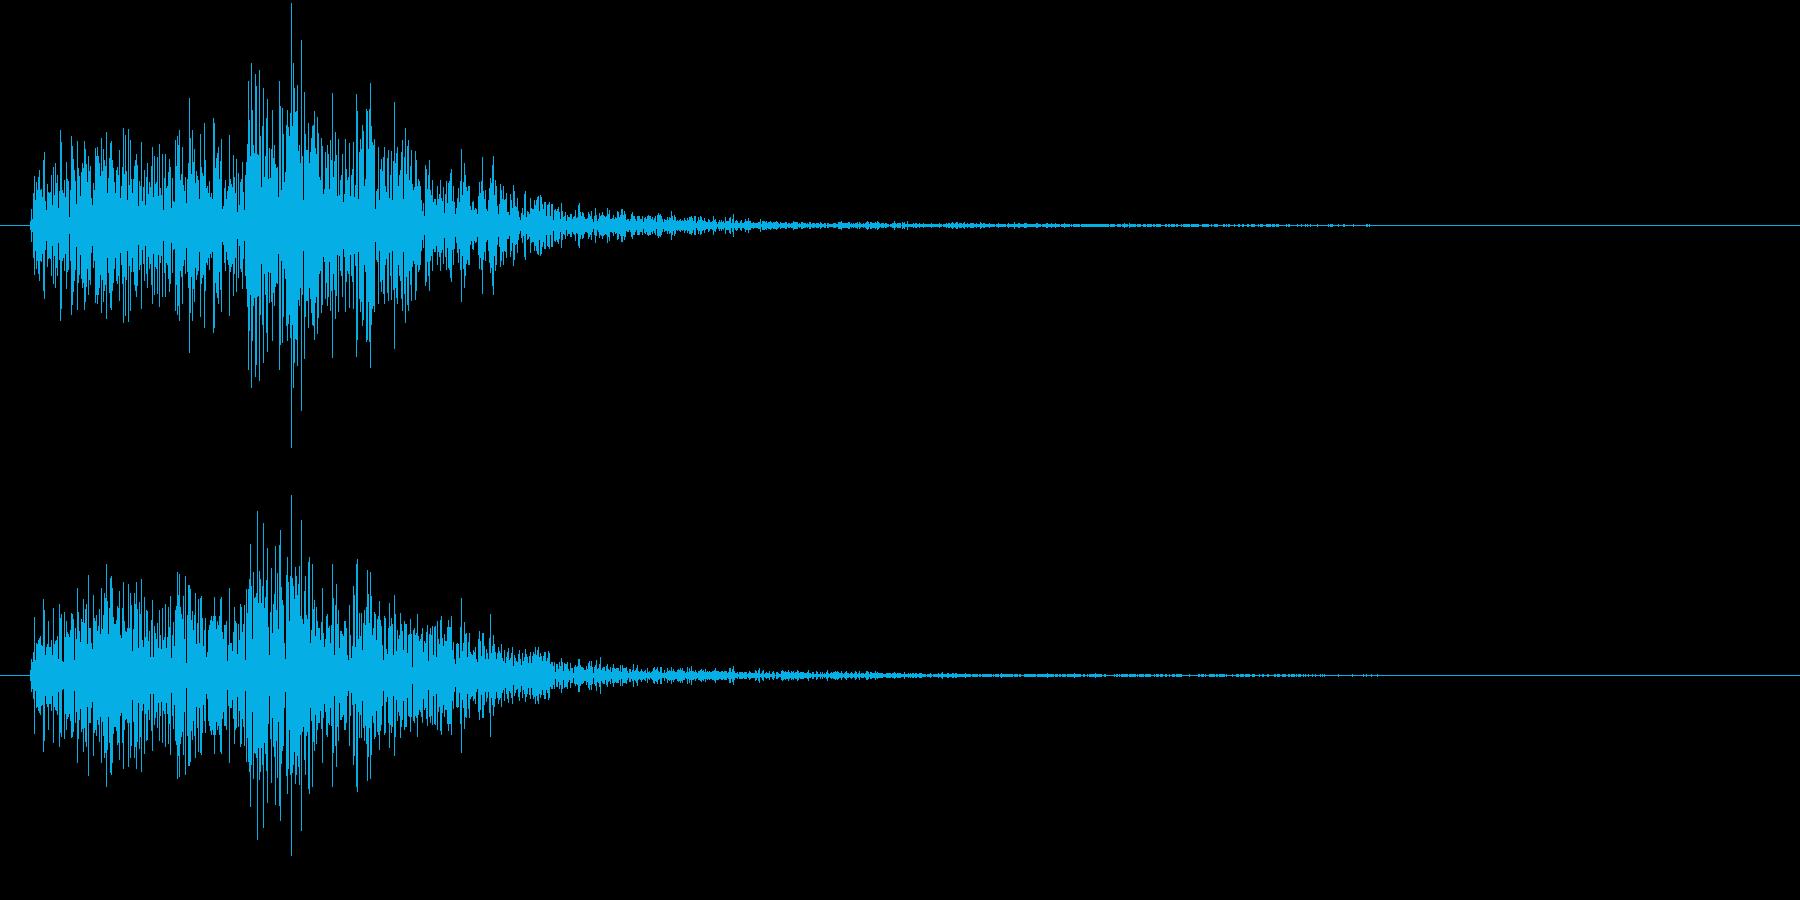 【生録音】陶器の食器と食器がぶつかる音の再生済みの波形